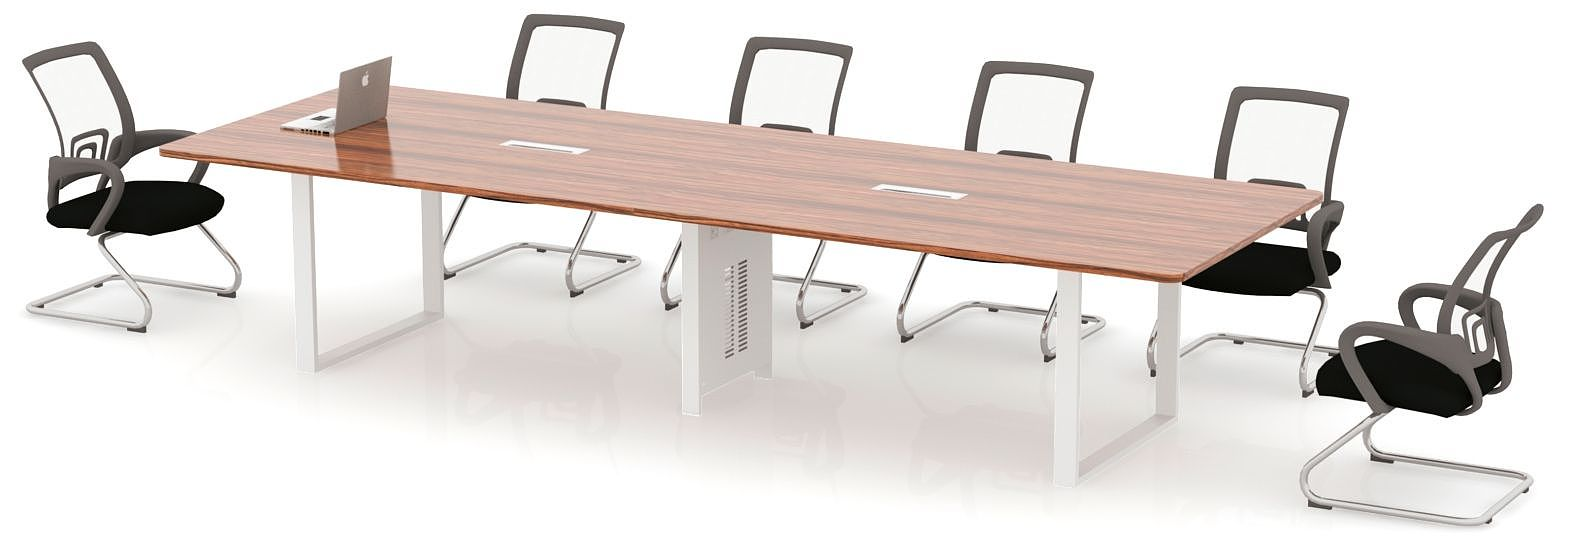 会议桌款式与价格介绍 购买须知